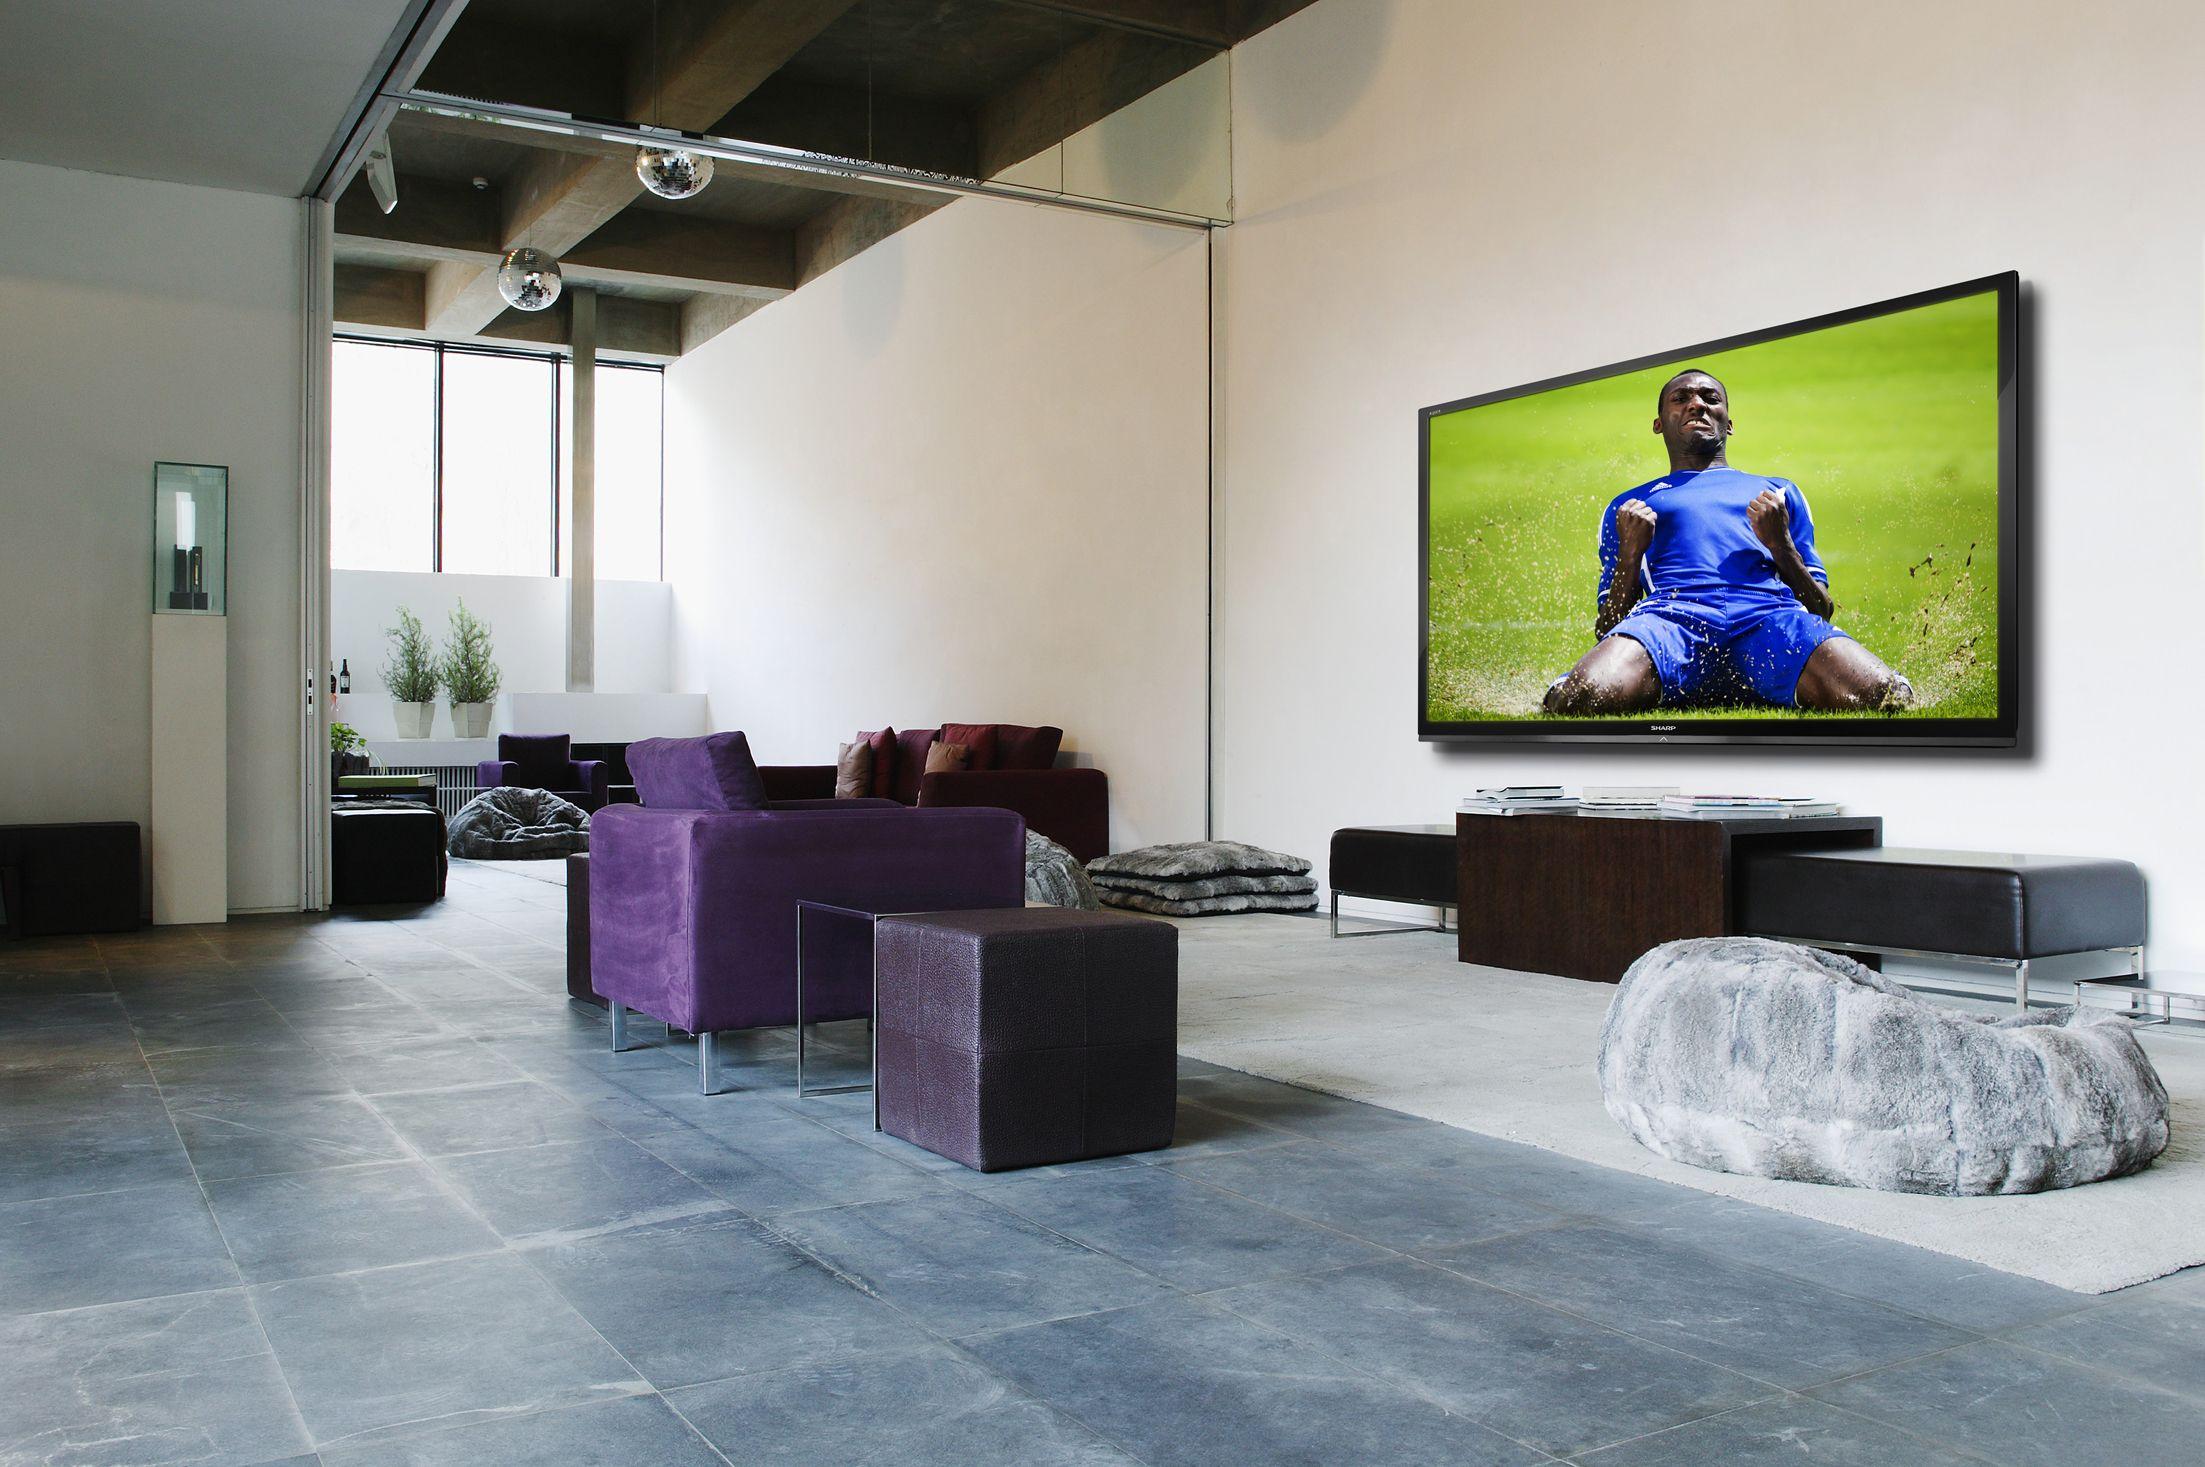 Tv kopen: welk formaat kies ik best?